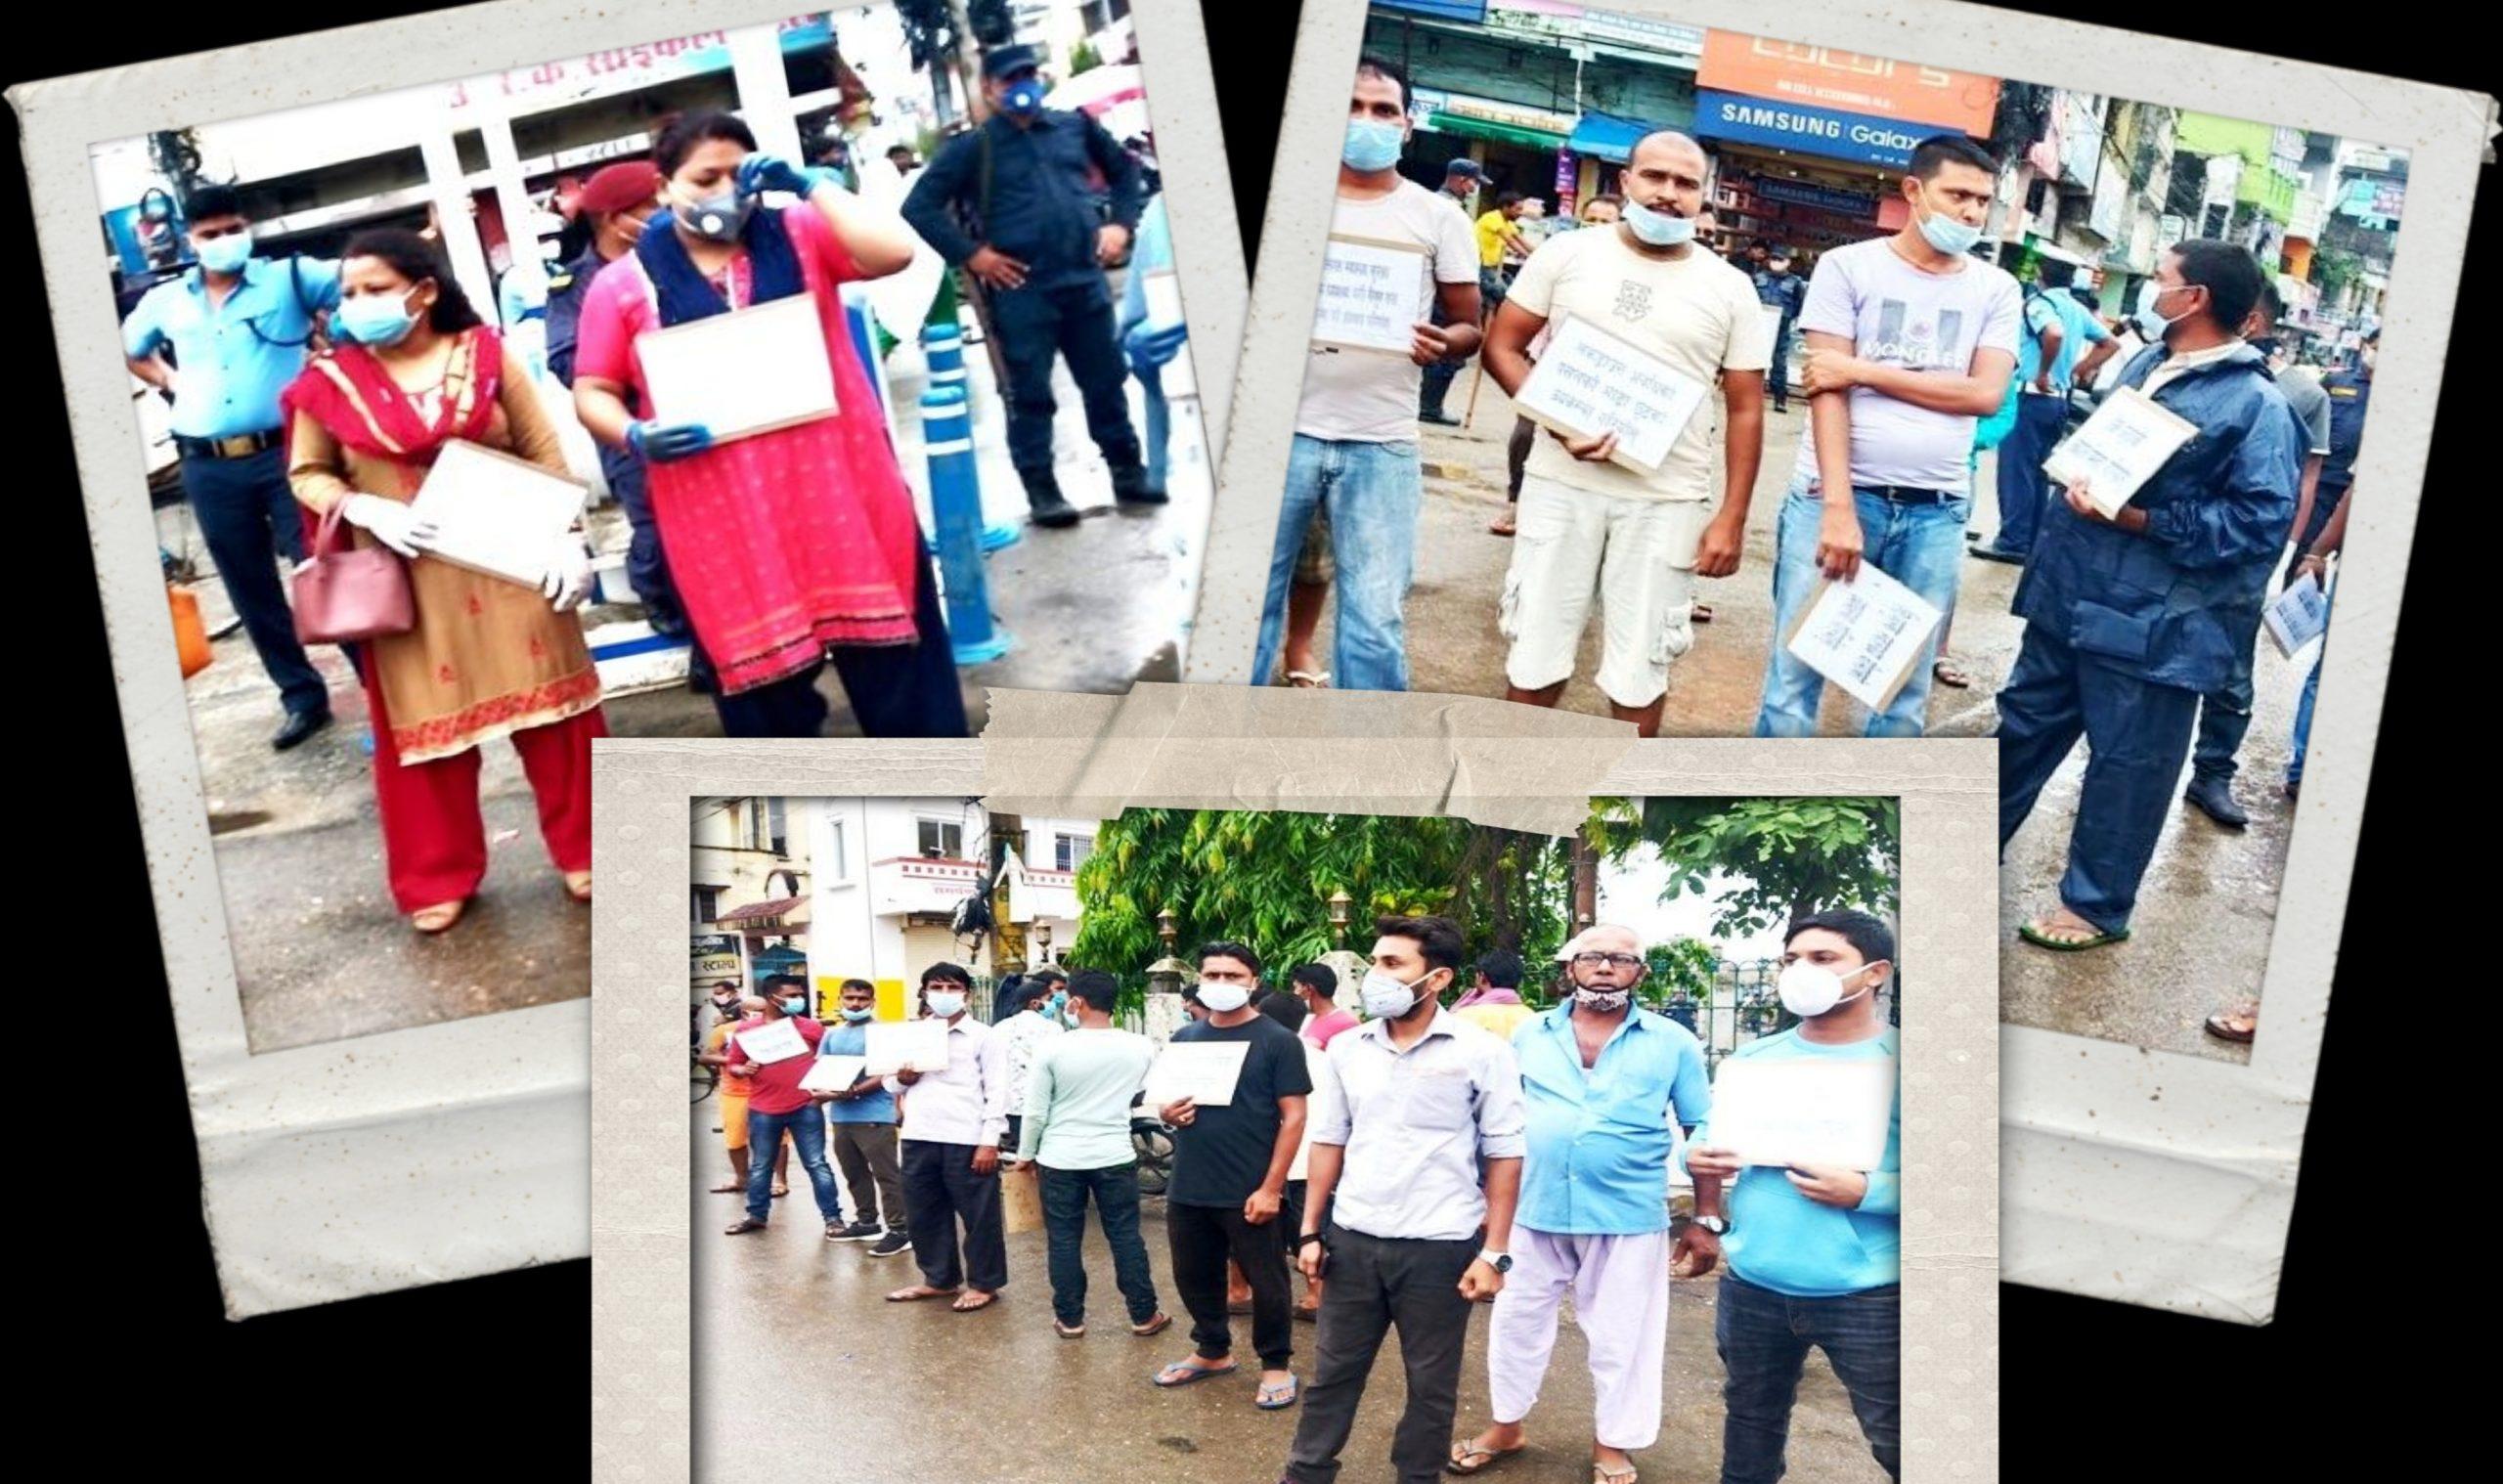 व्यवसाय सञ्चालनको माग गर्दै सैलुन तथा सौन्दर्यकर्मीहरुद्वारा प्रदर्शन